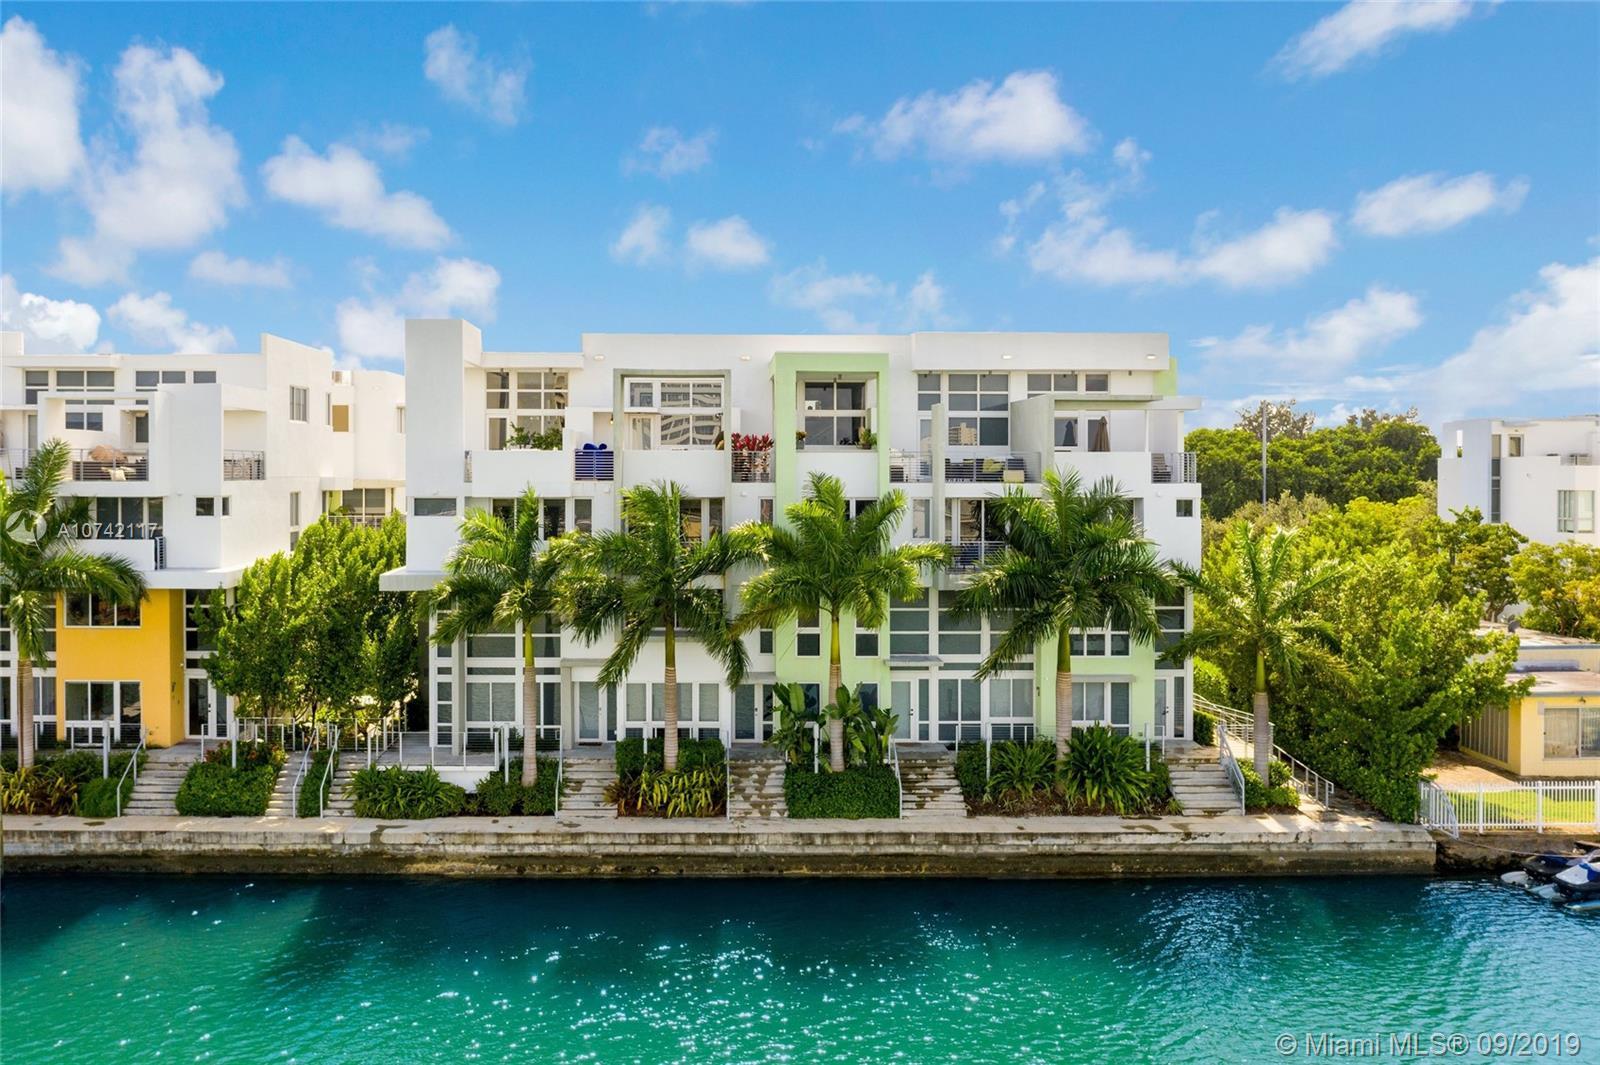 97 N Shore Dr - Miami Beach, Florida